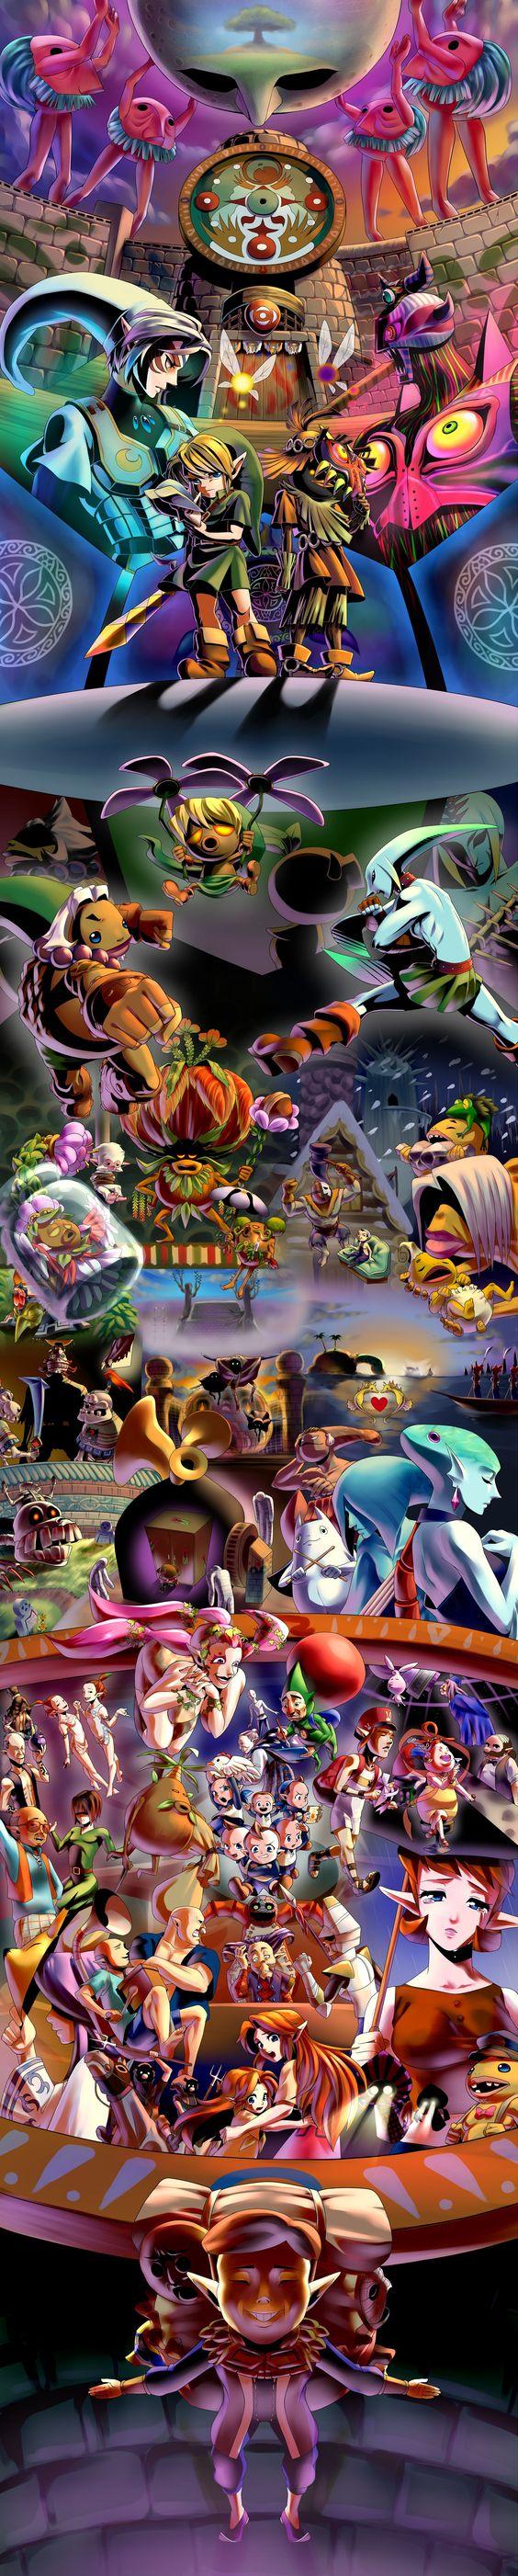 The Legend of Zelda: Majora's Mask / Young Link, Tatl, Skull Kid, and etc.